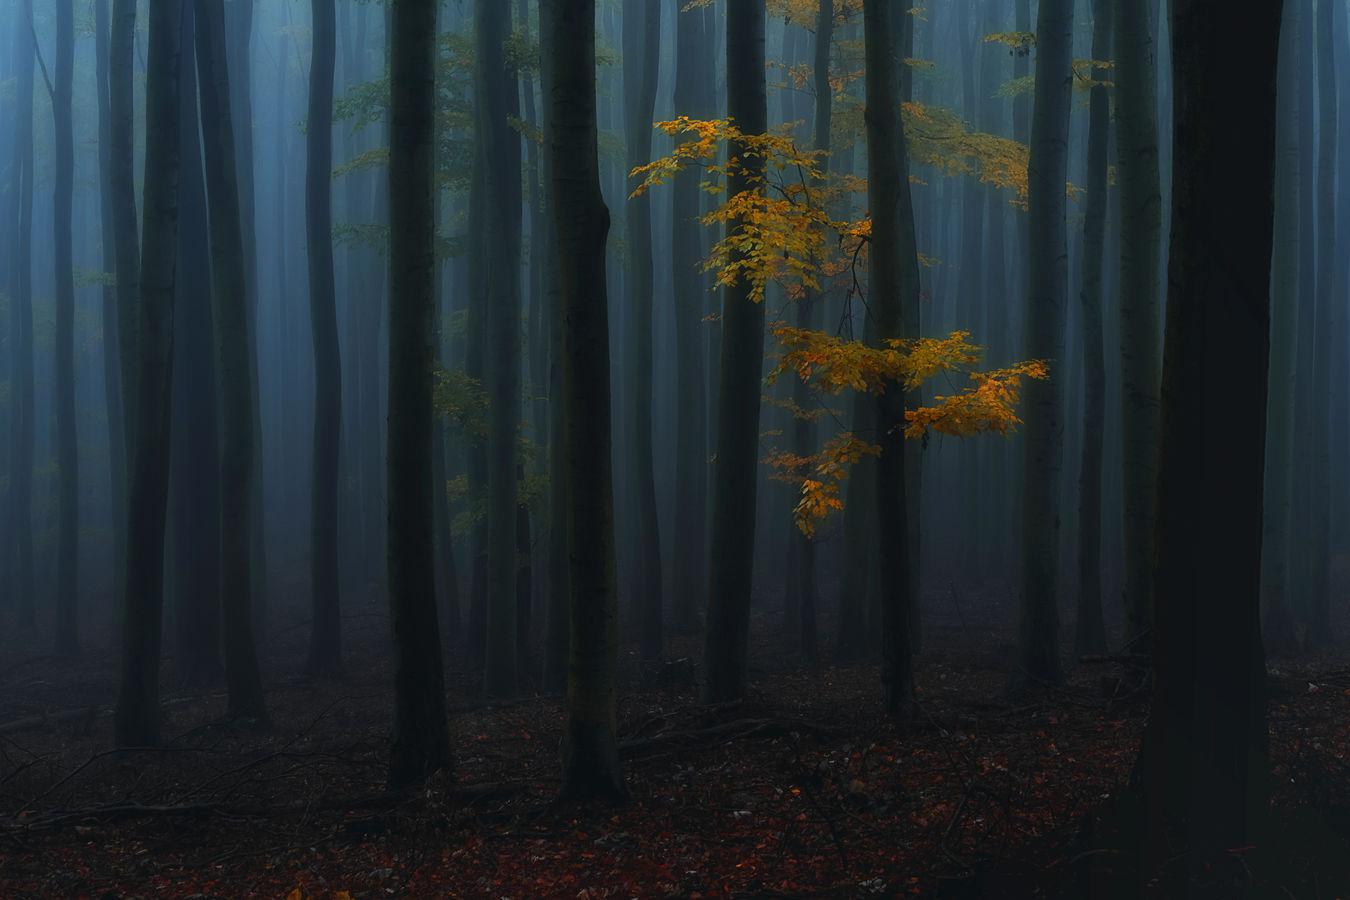 Podzimní nálada v lese